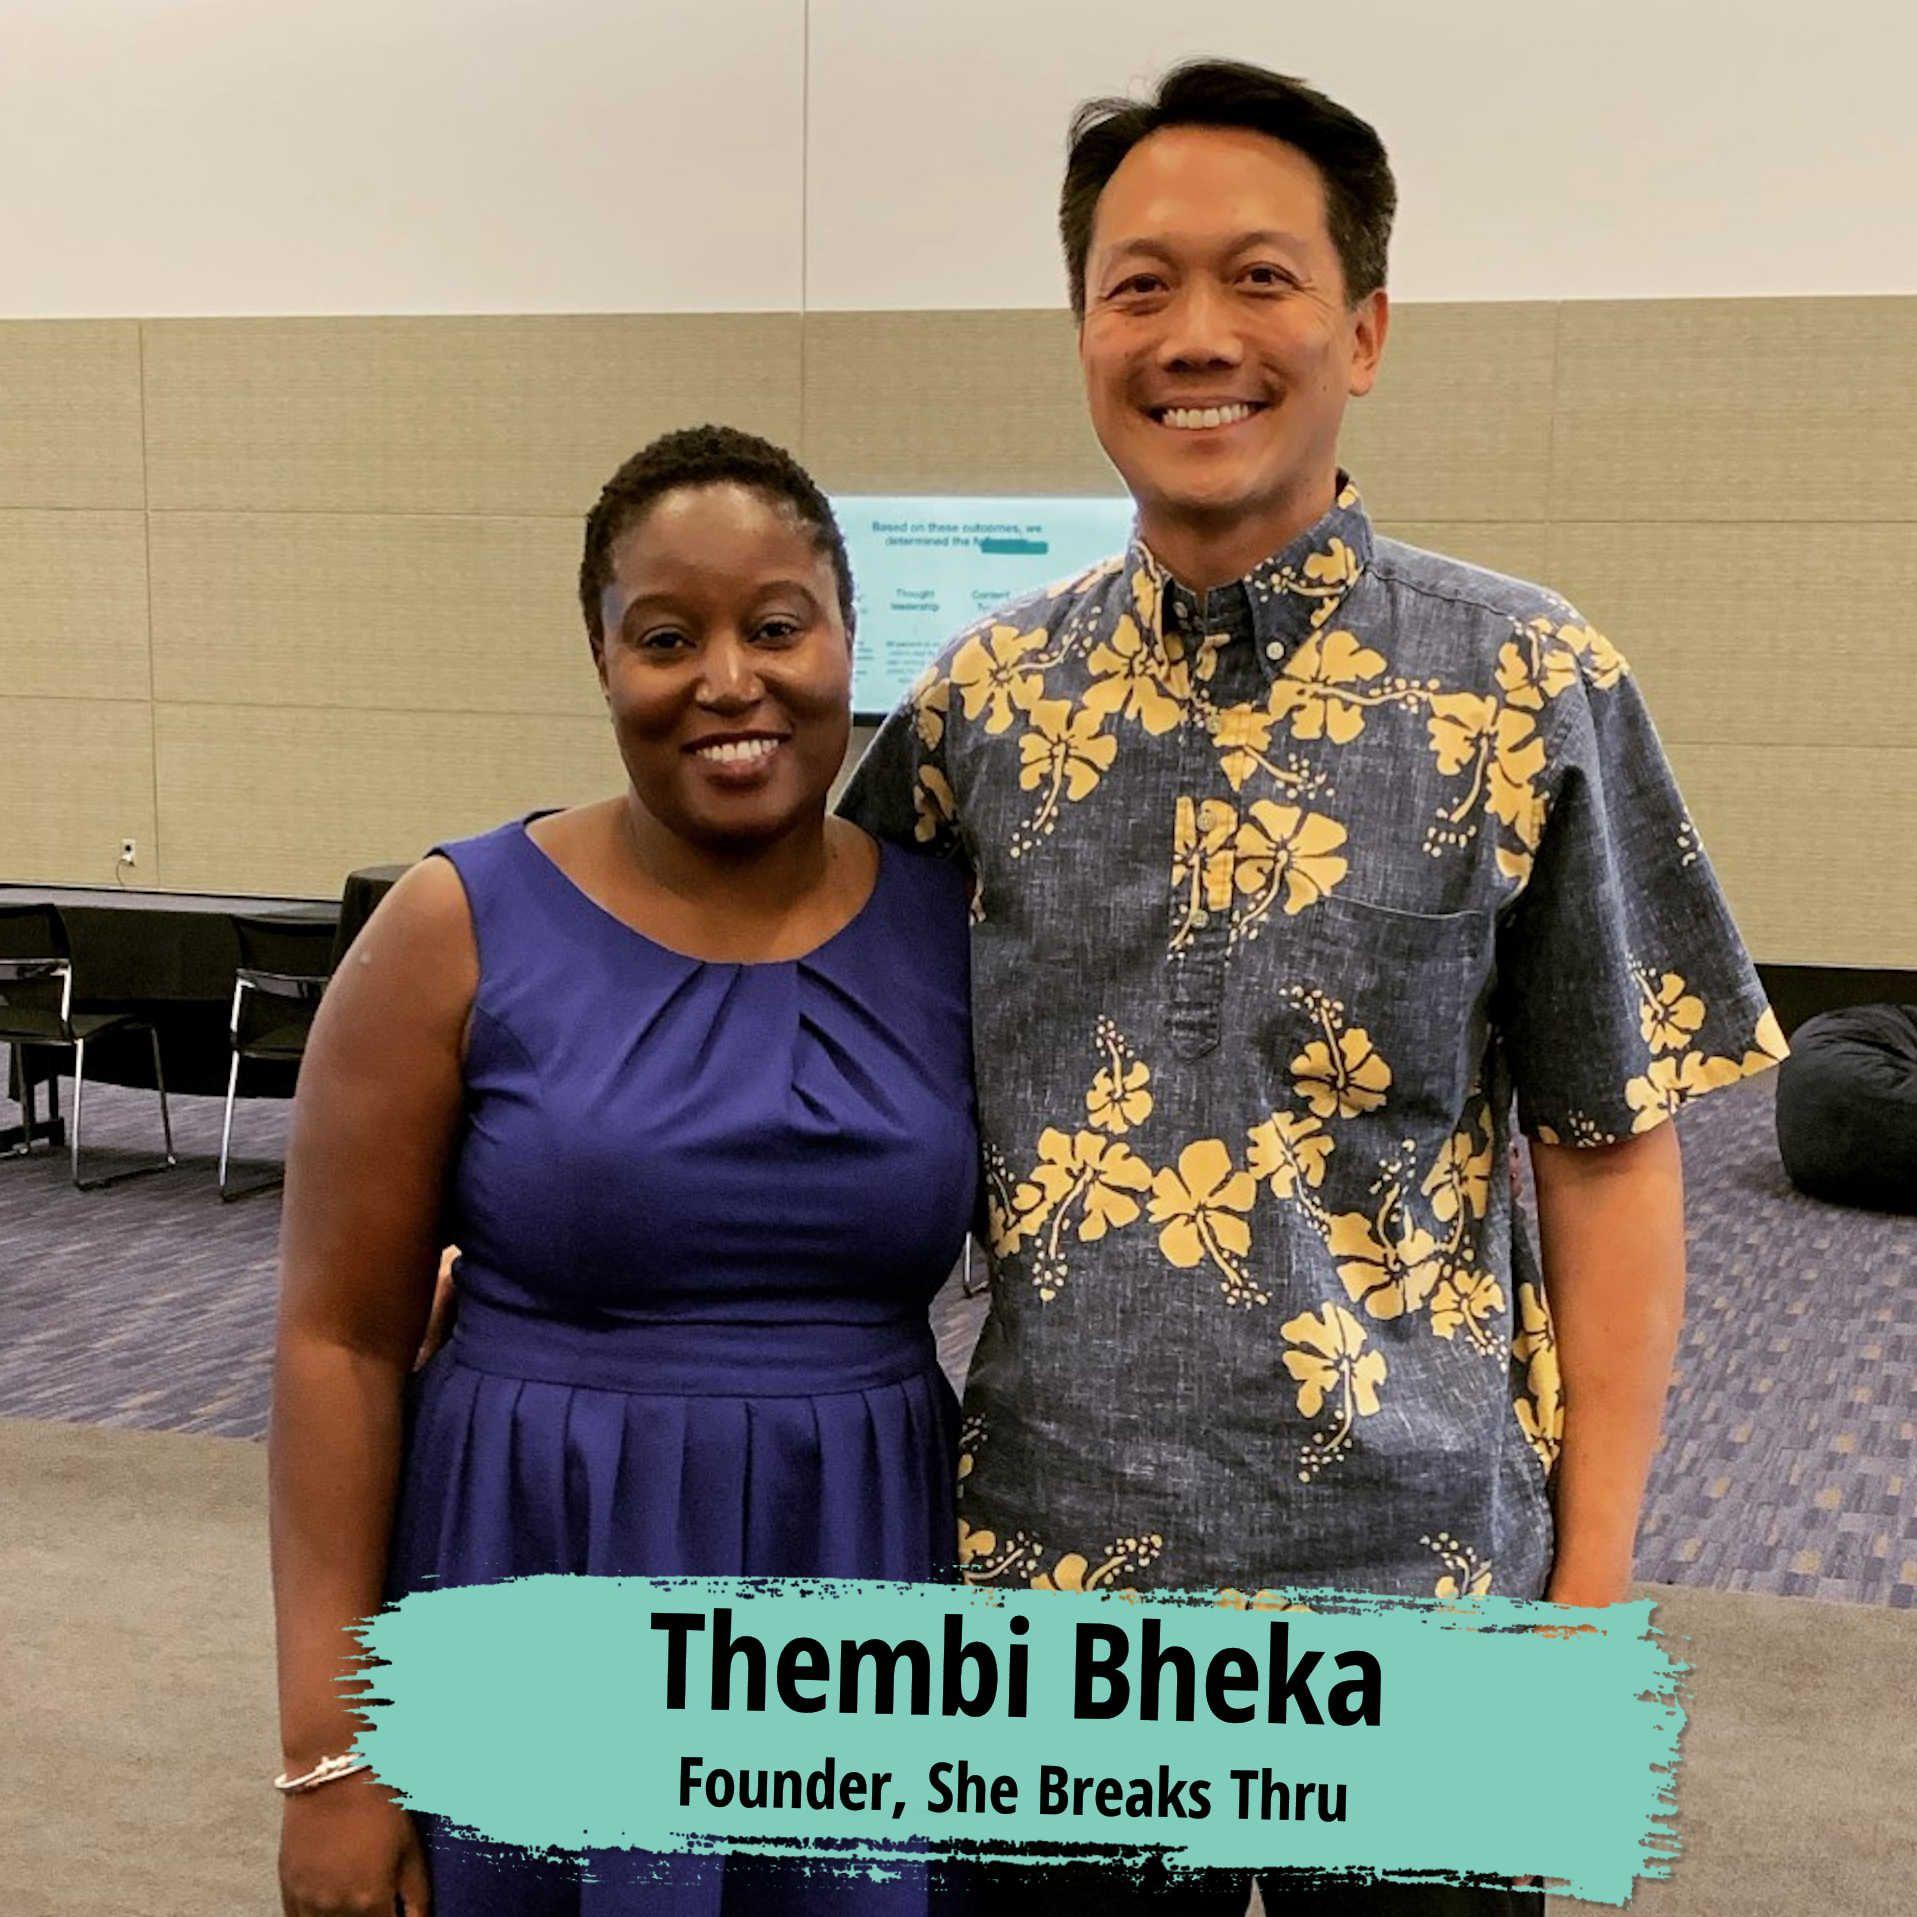 Thembi Bheka